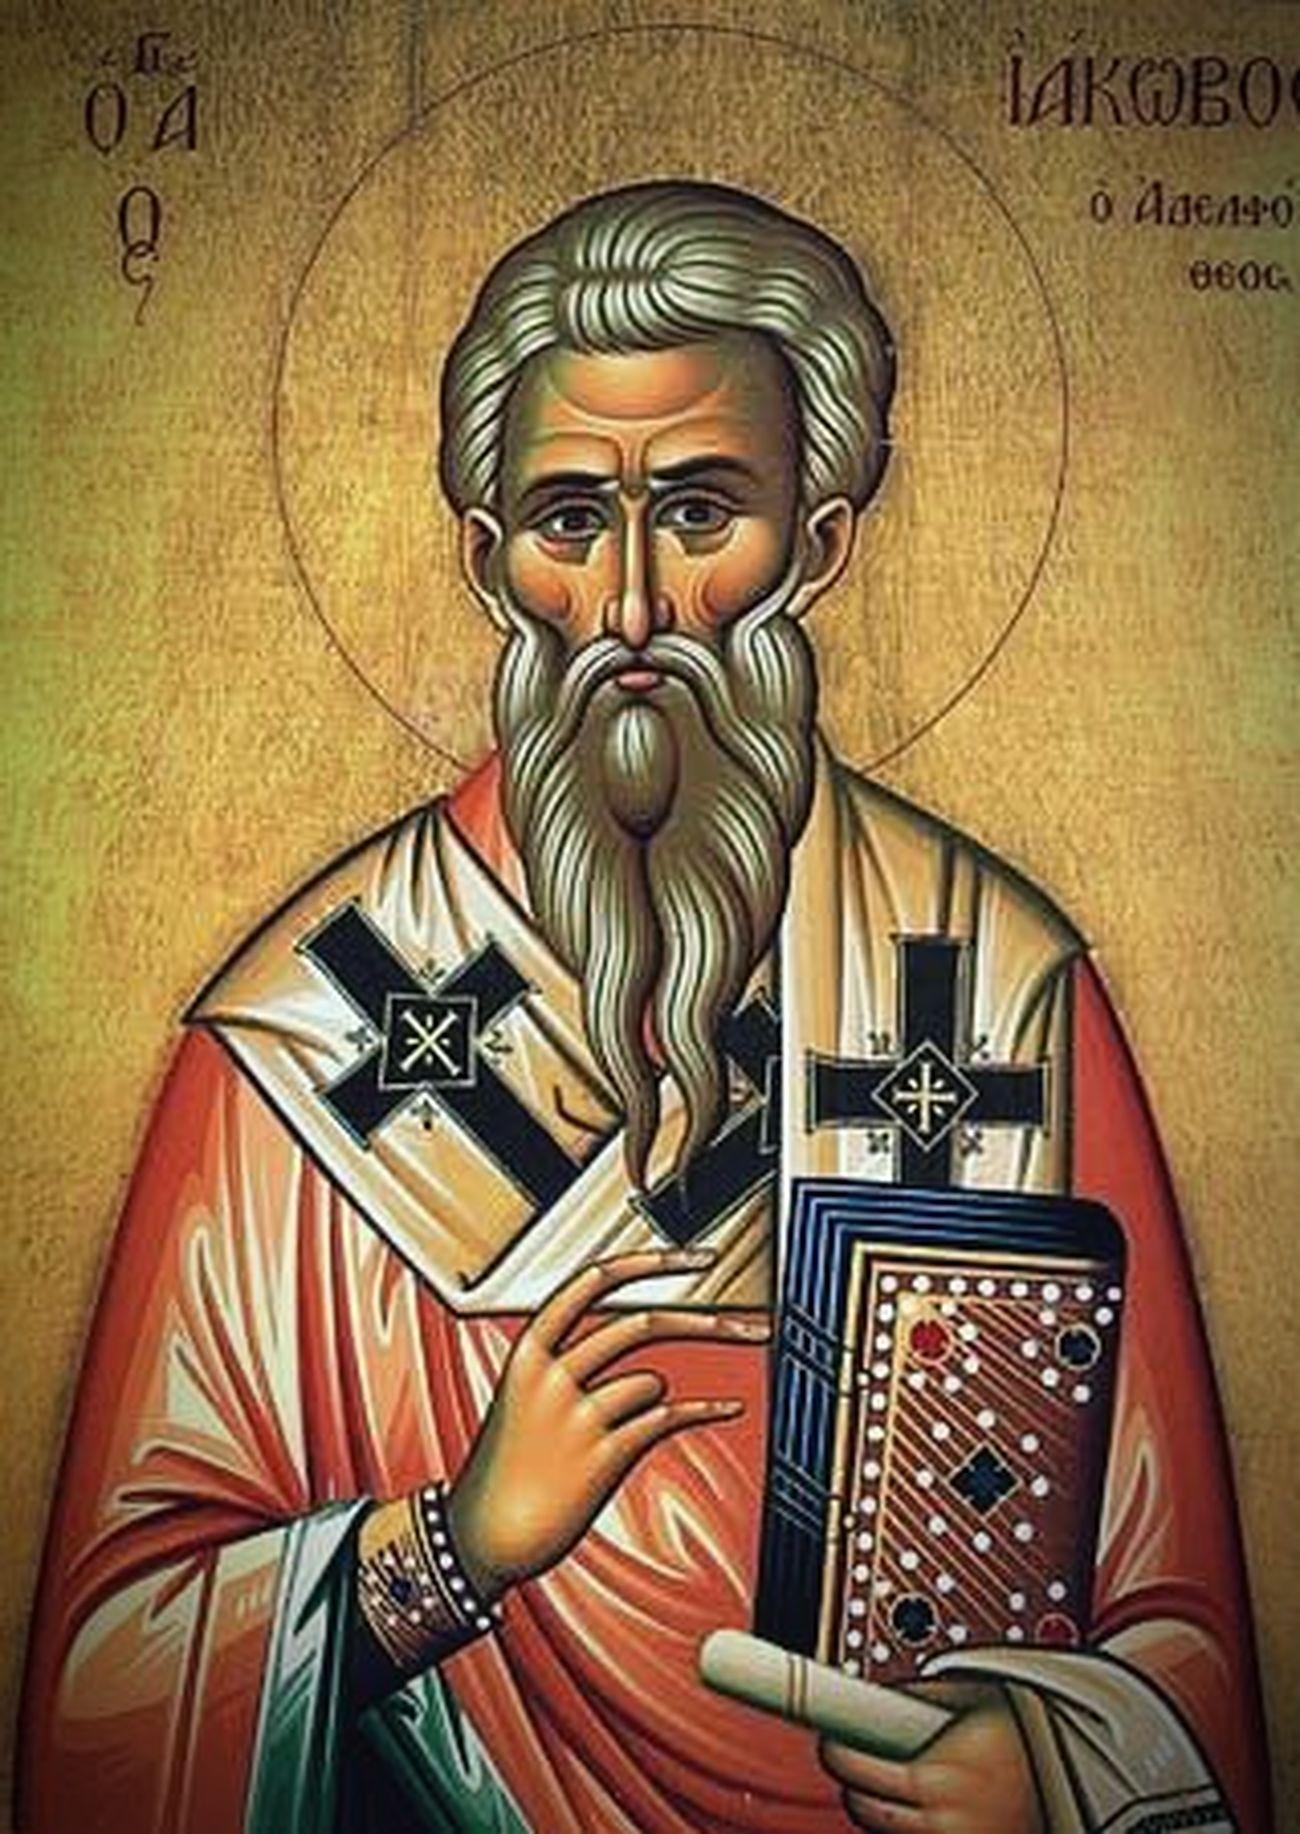 De heilige Jacobus Apostles Saints Saint Christian